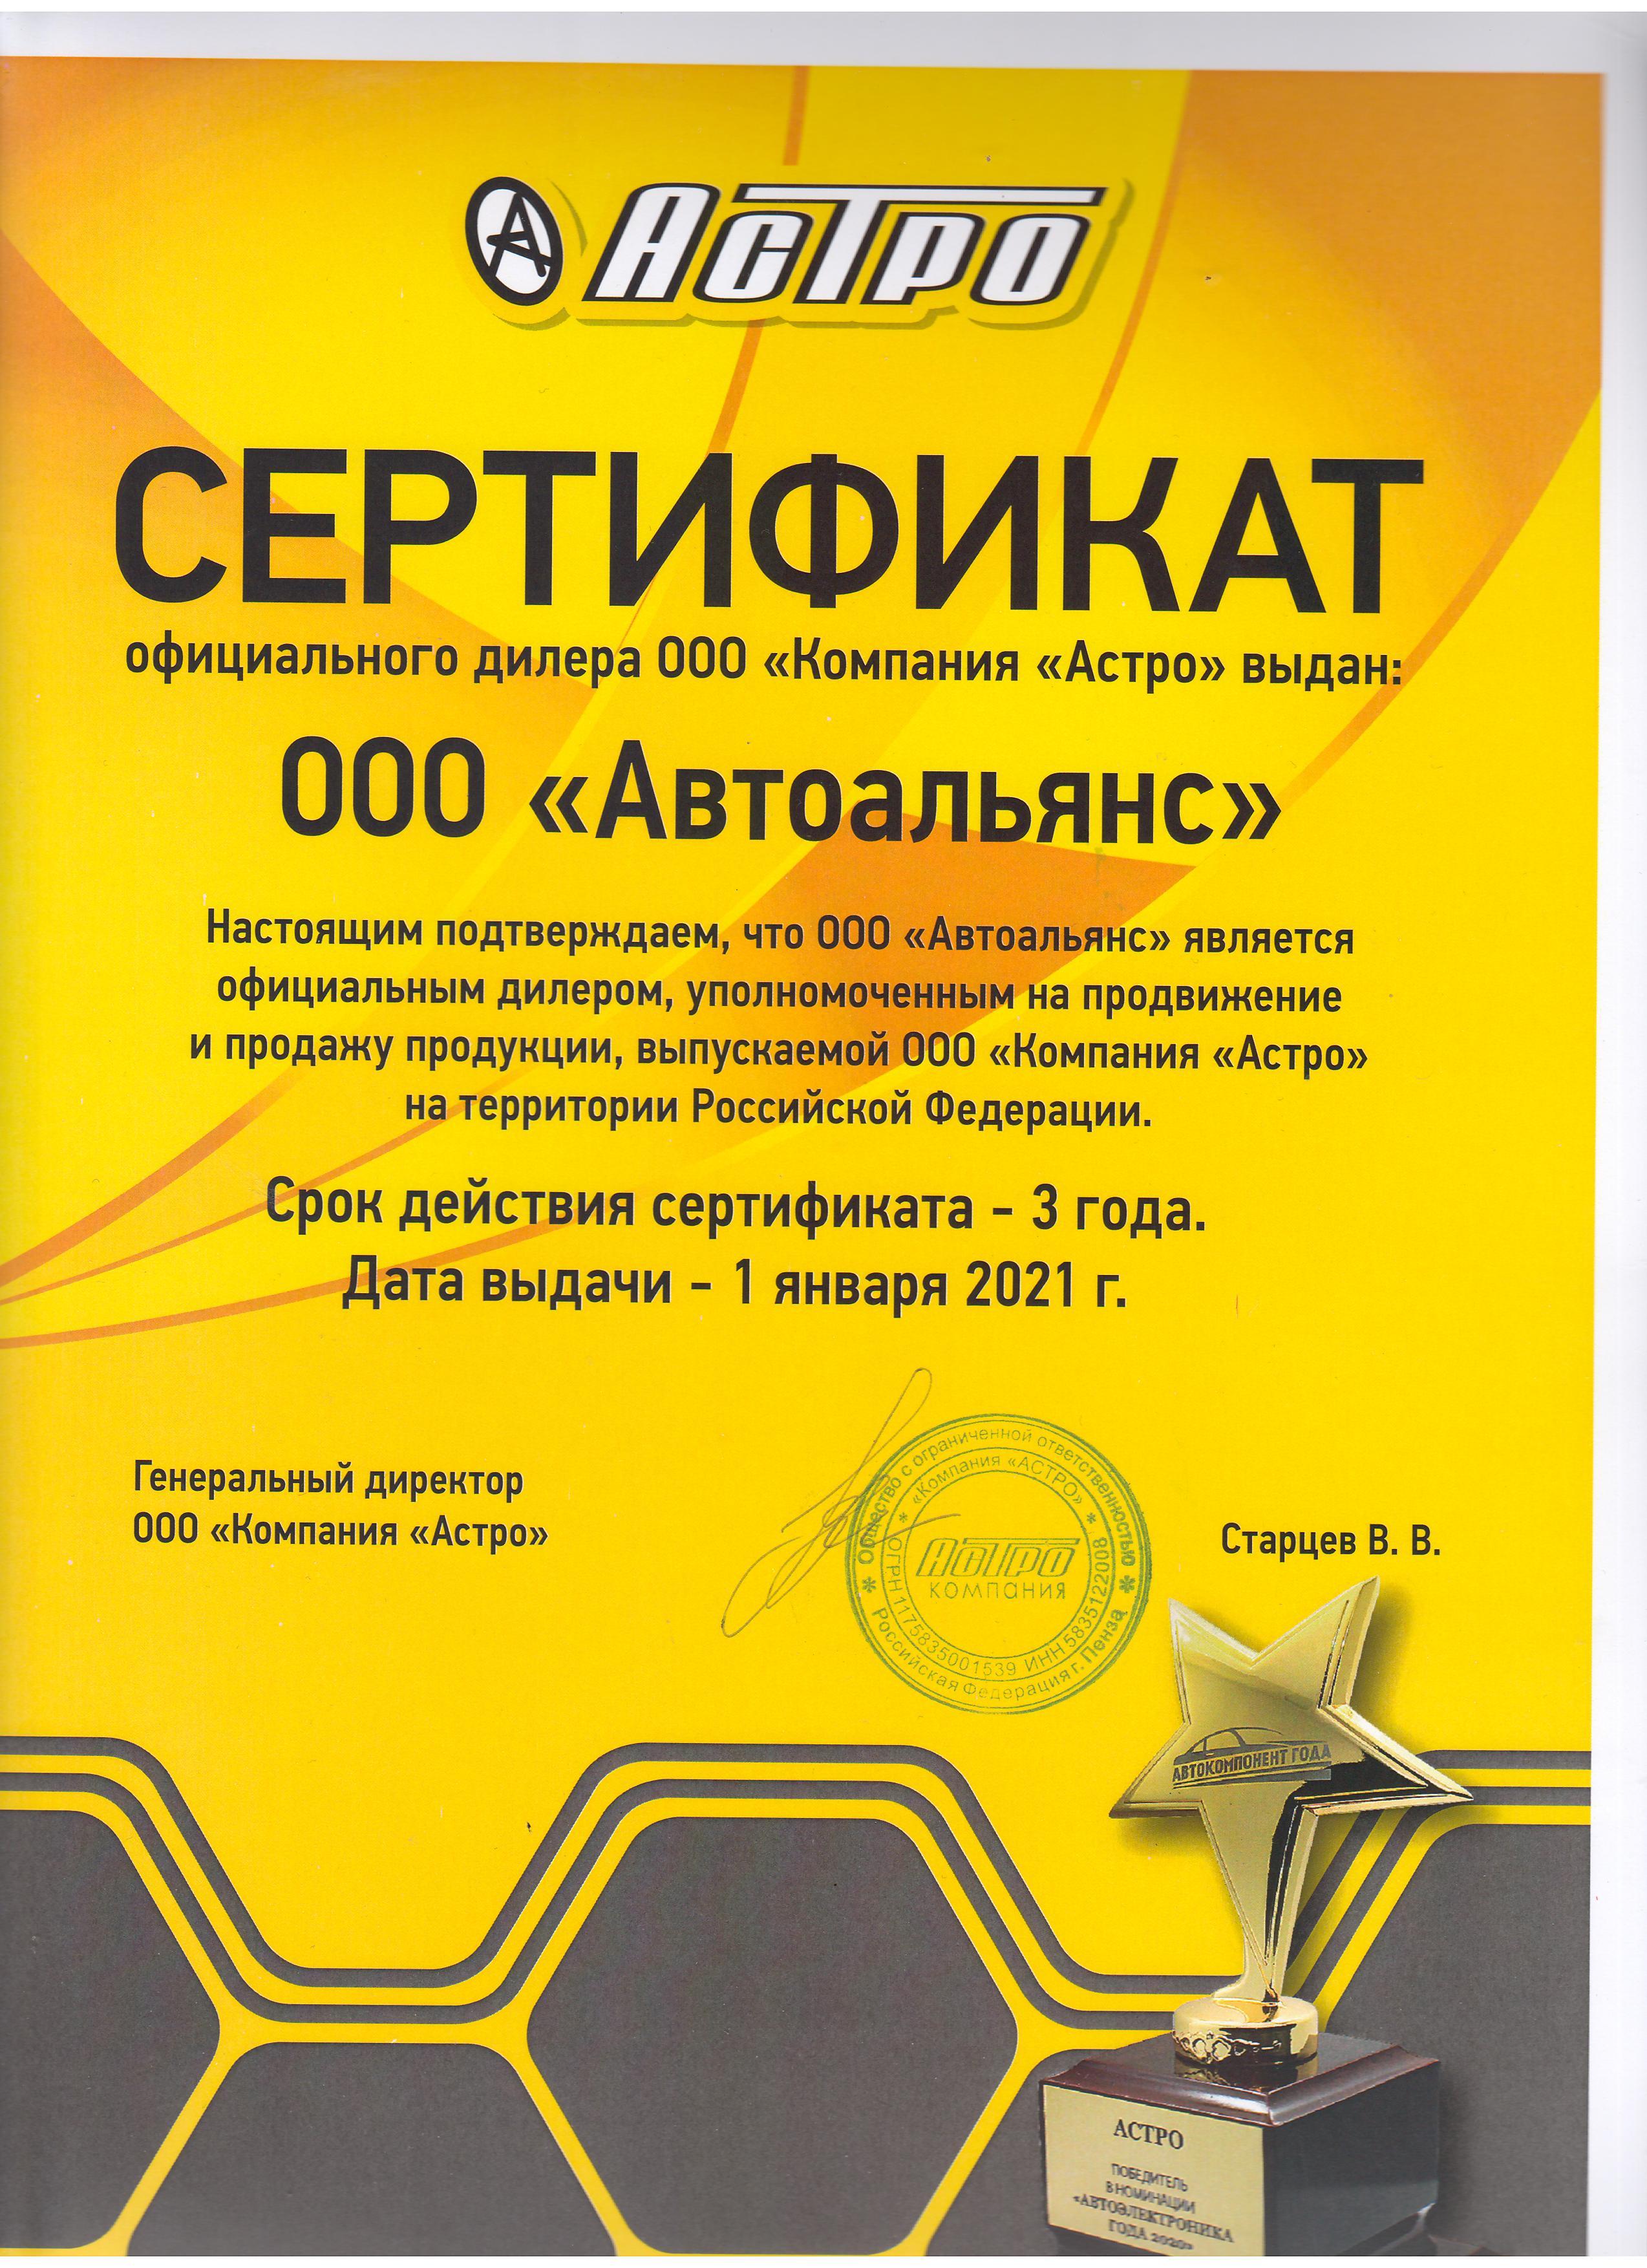 Сертификат для Автоальянс